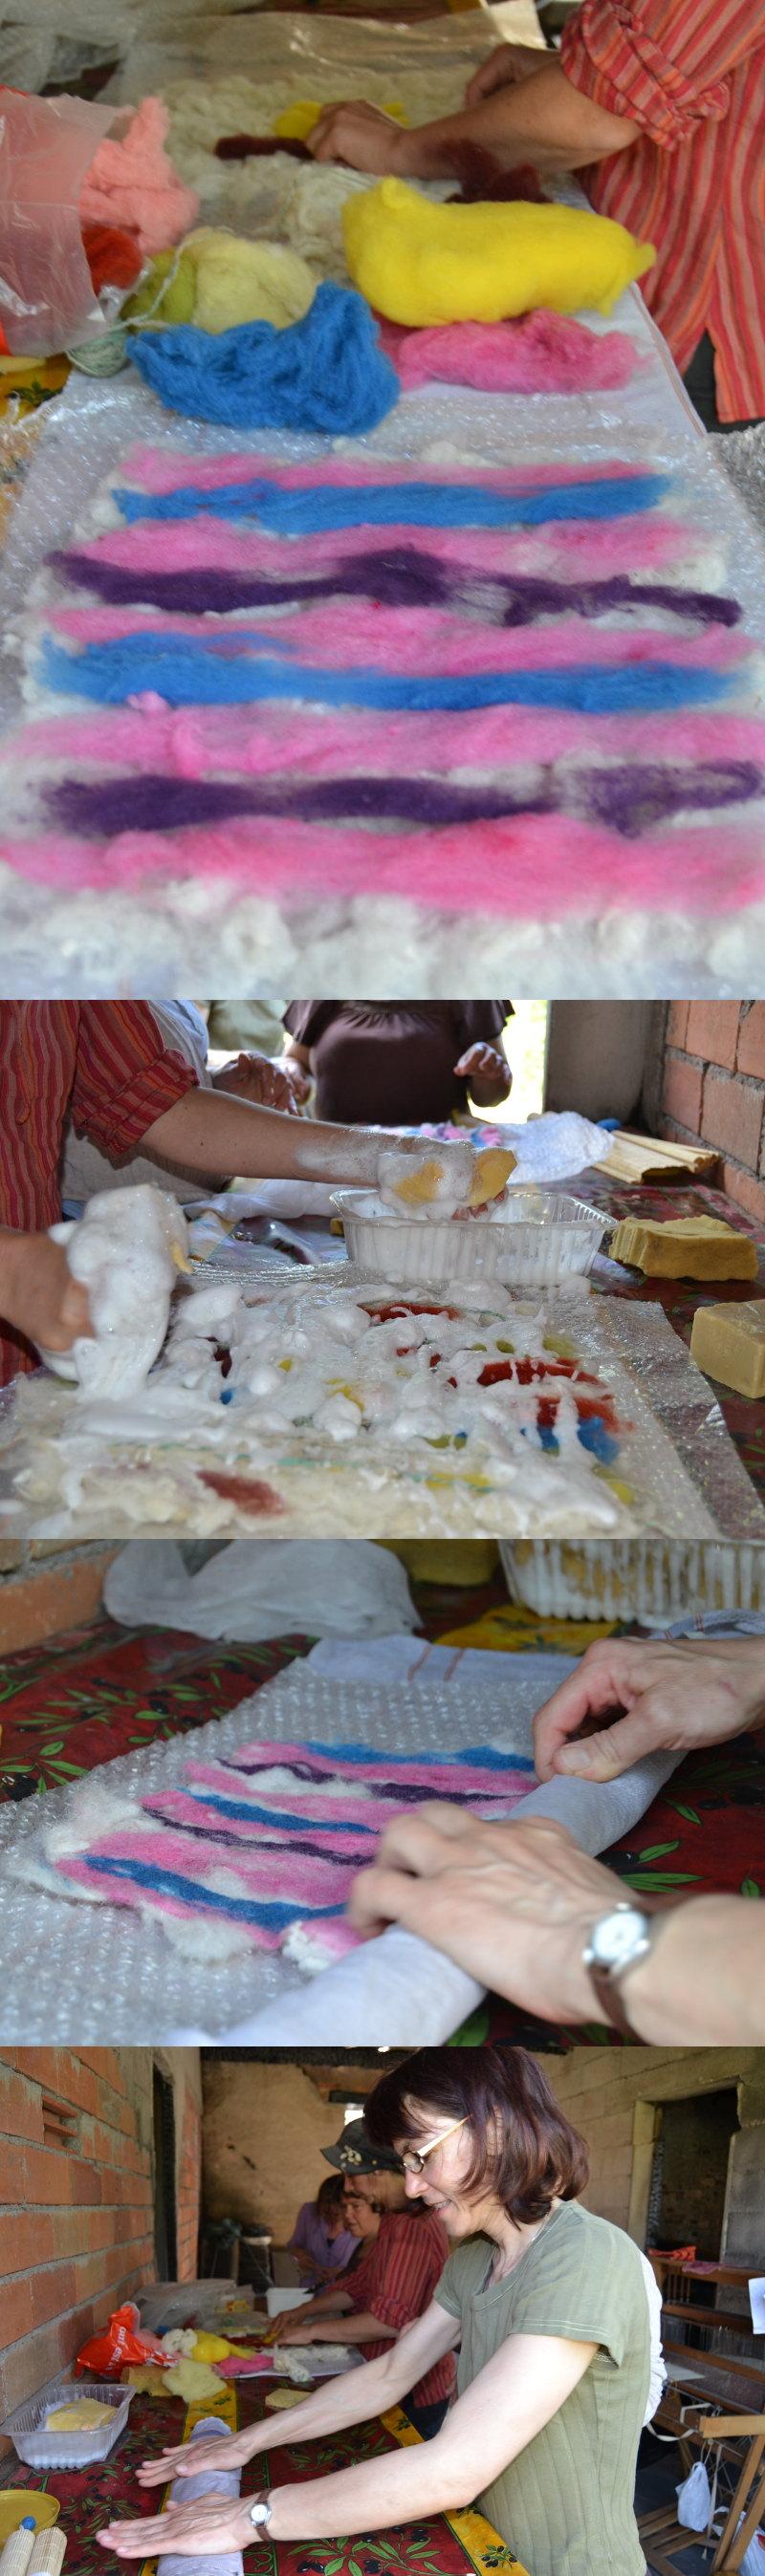 Et atelier feutre adultes. La laine est disposée sur un tissu ou un plastique, puis imbibée d'eau savonneuse chaude, puis roulée serrée 30 fois dans chaque sens